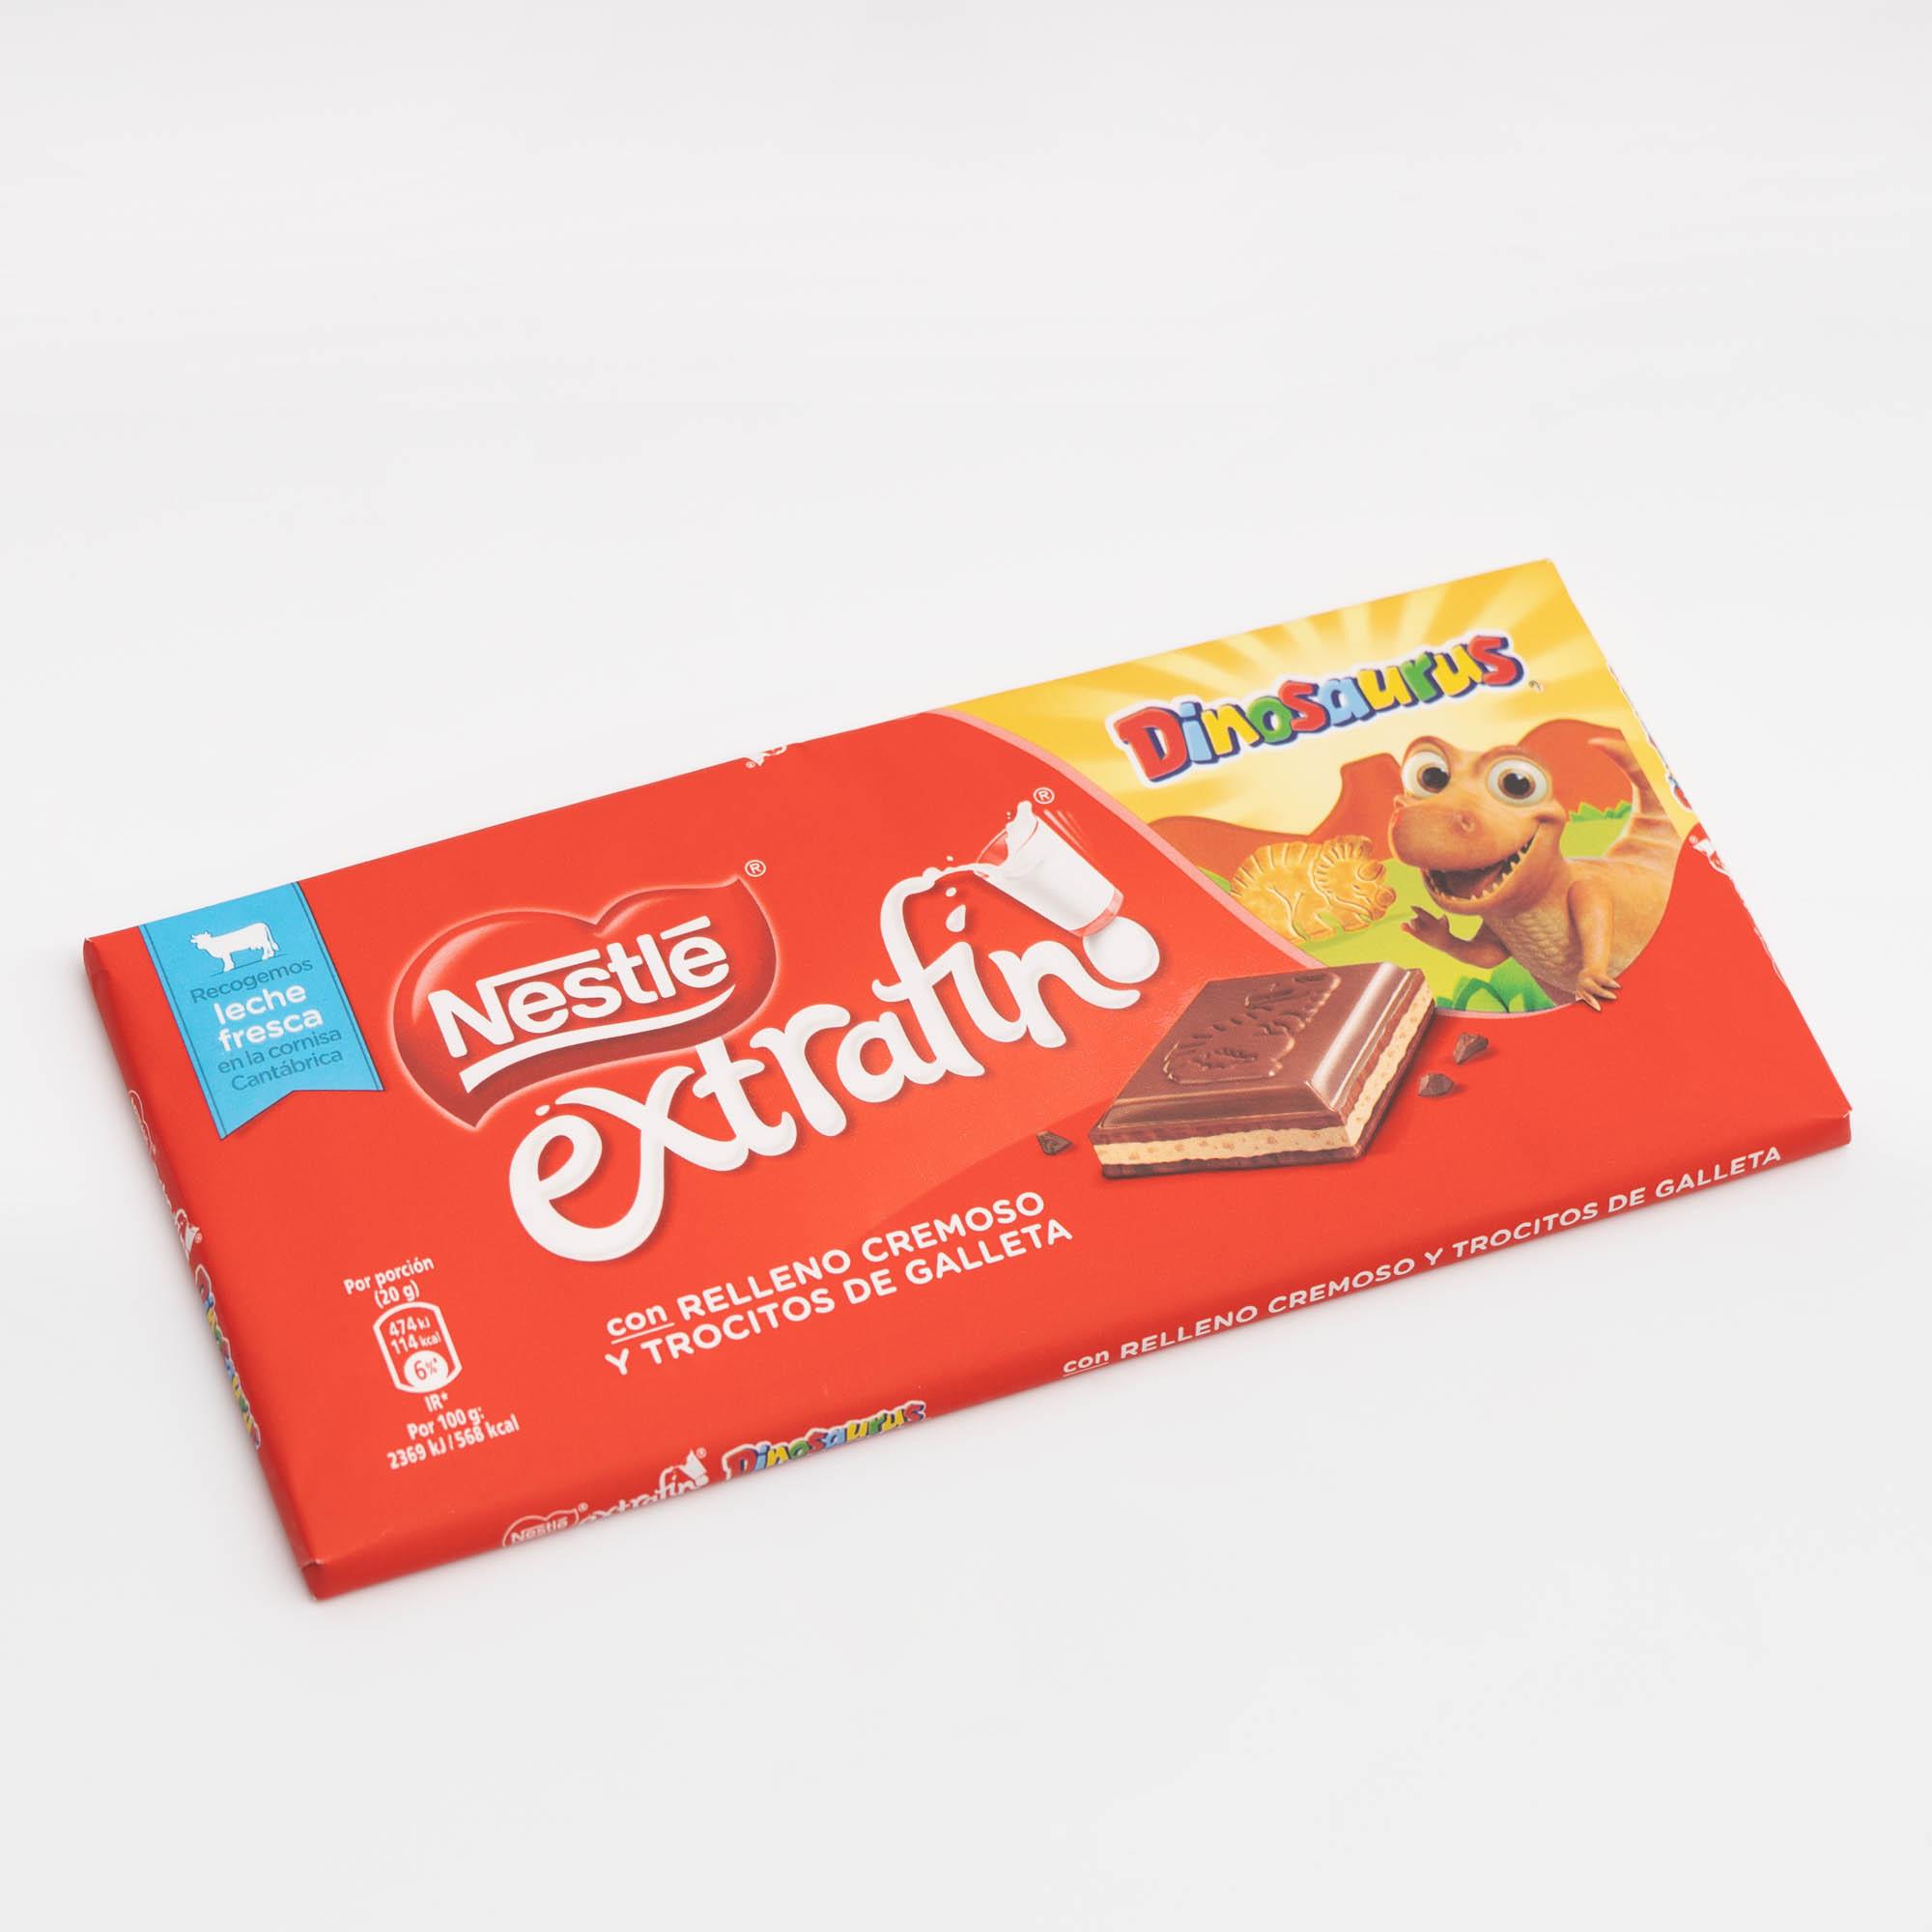 CHOCOLATE NESTLE DINOSAURIUS 120g.